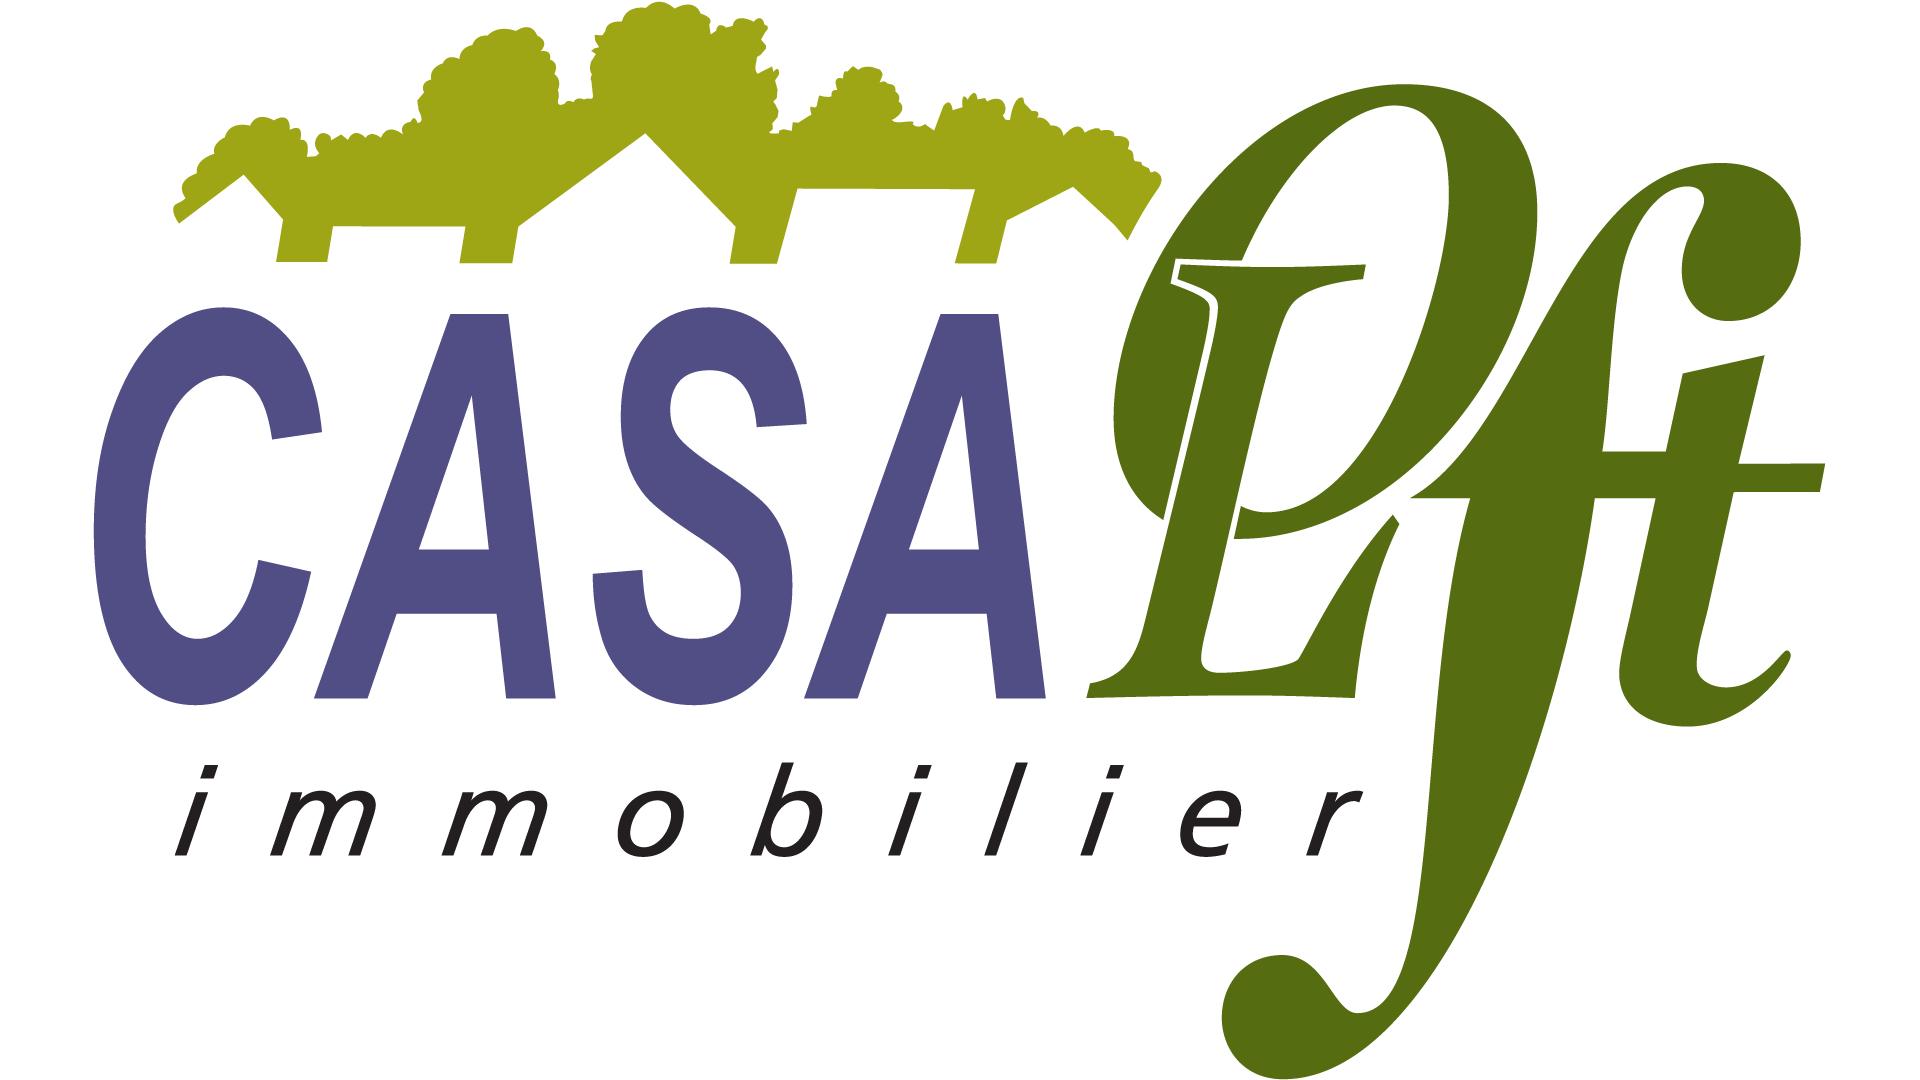 Casaloft Immobilier agence immobilière Marseille 7 (13007)